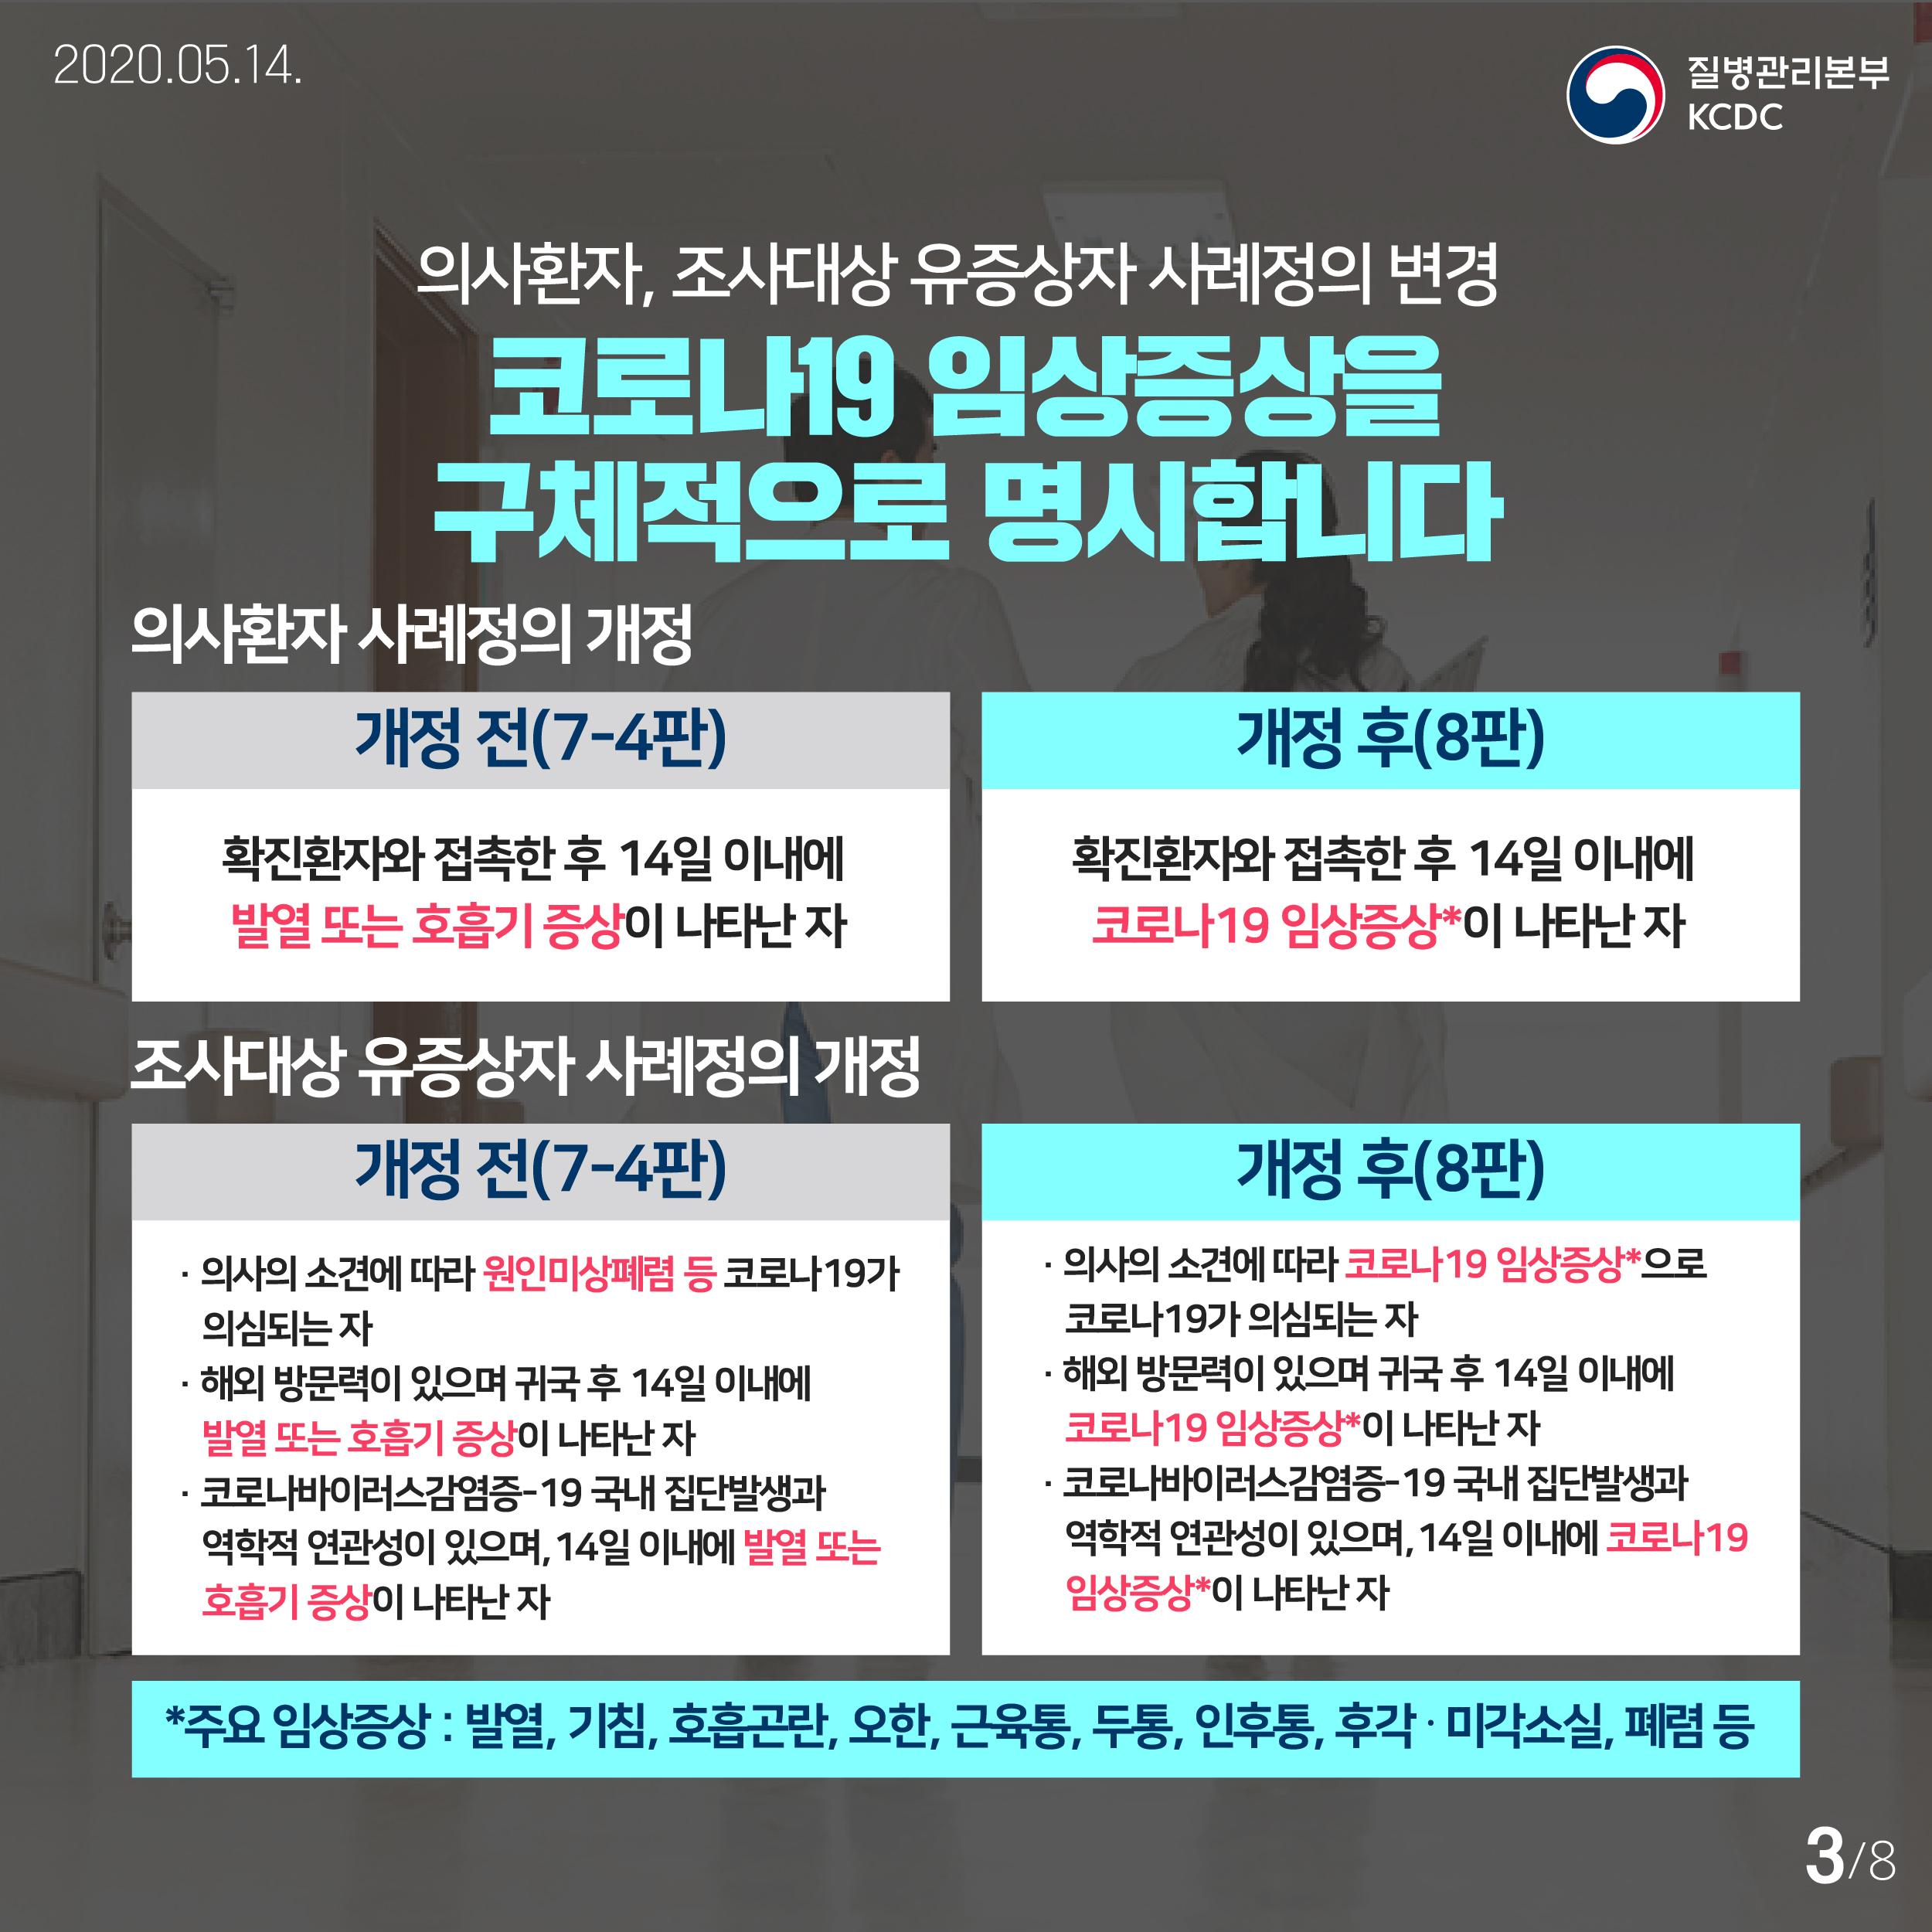 20200514_KCDC_사례정의8판_카드뉴스_3.jpg